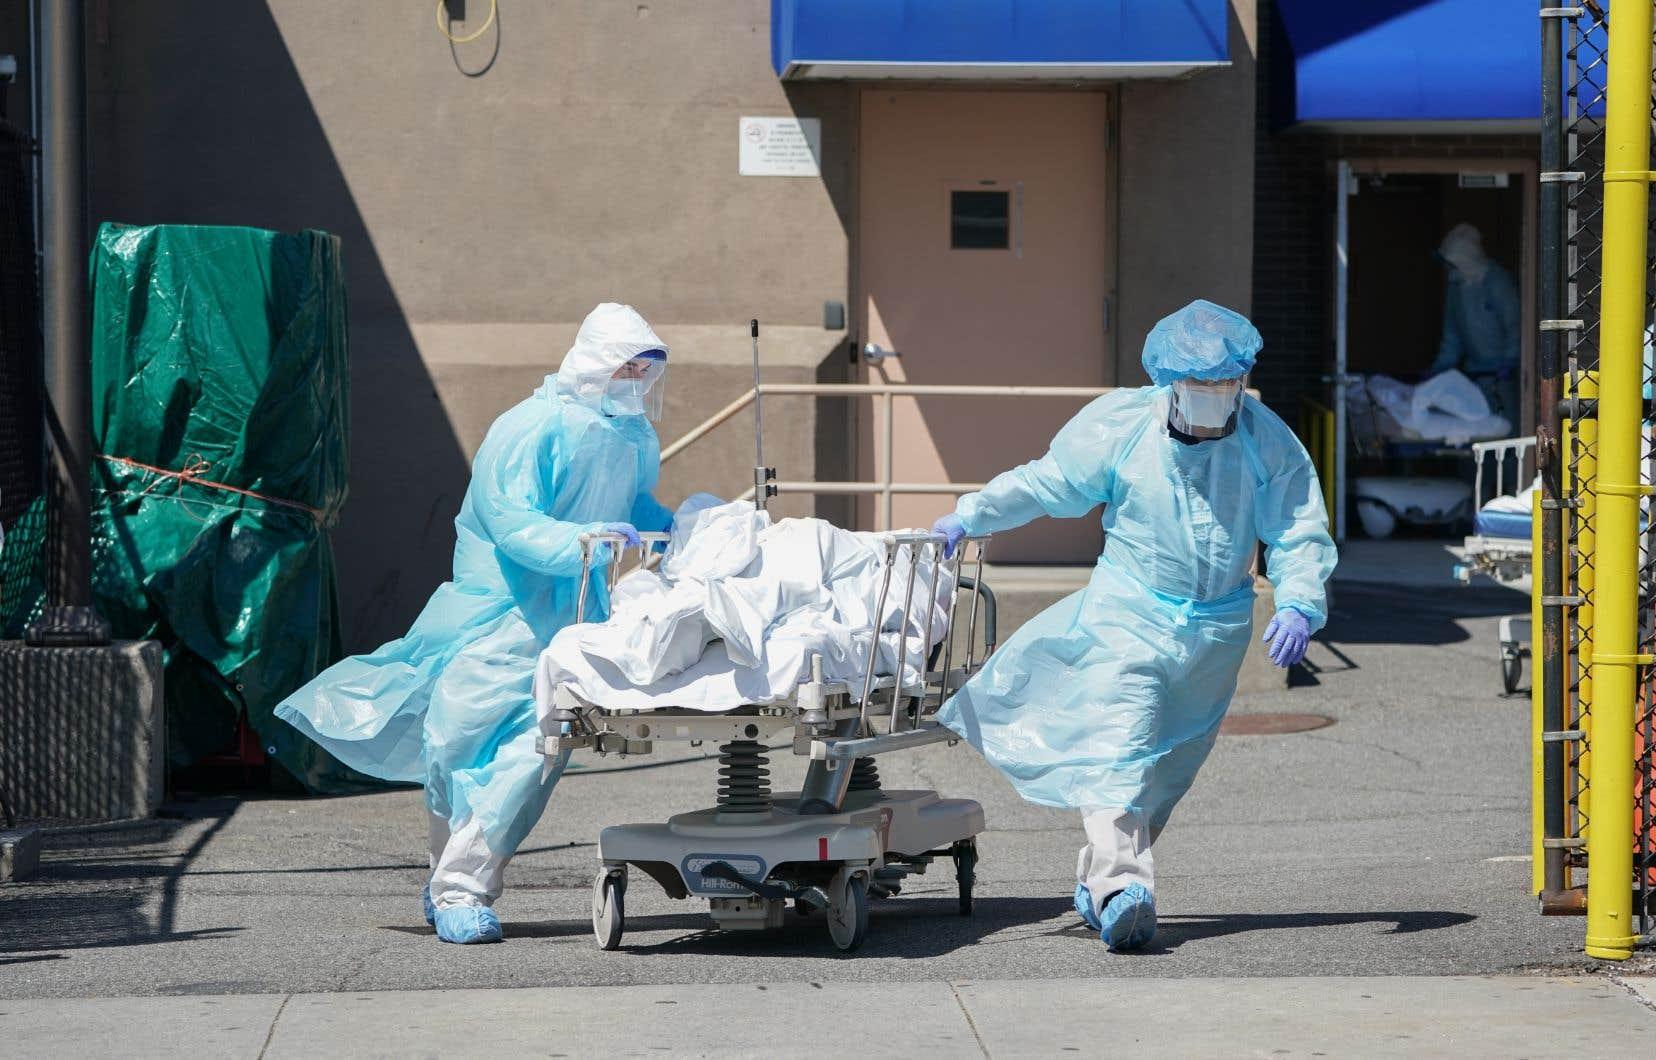 Le nombre réel des décès et des contaminations de la COVID-19 est probablement nettement plus élevé que les bilans officiels aux États-Unis, selon les experts.